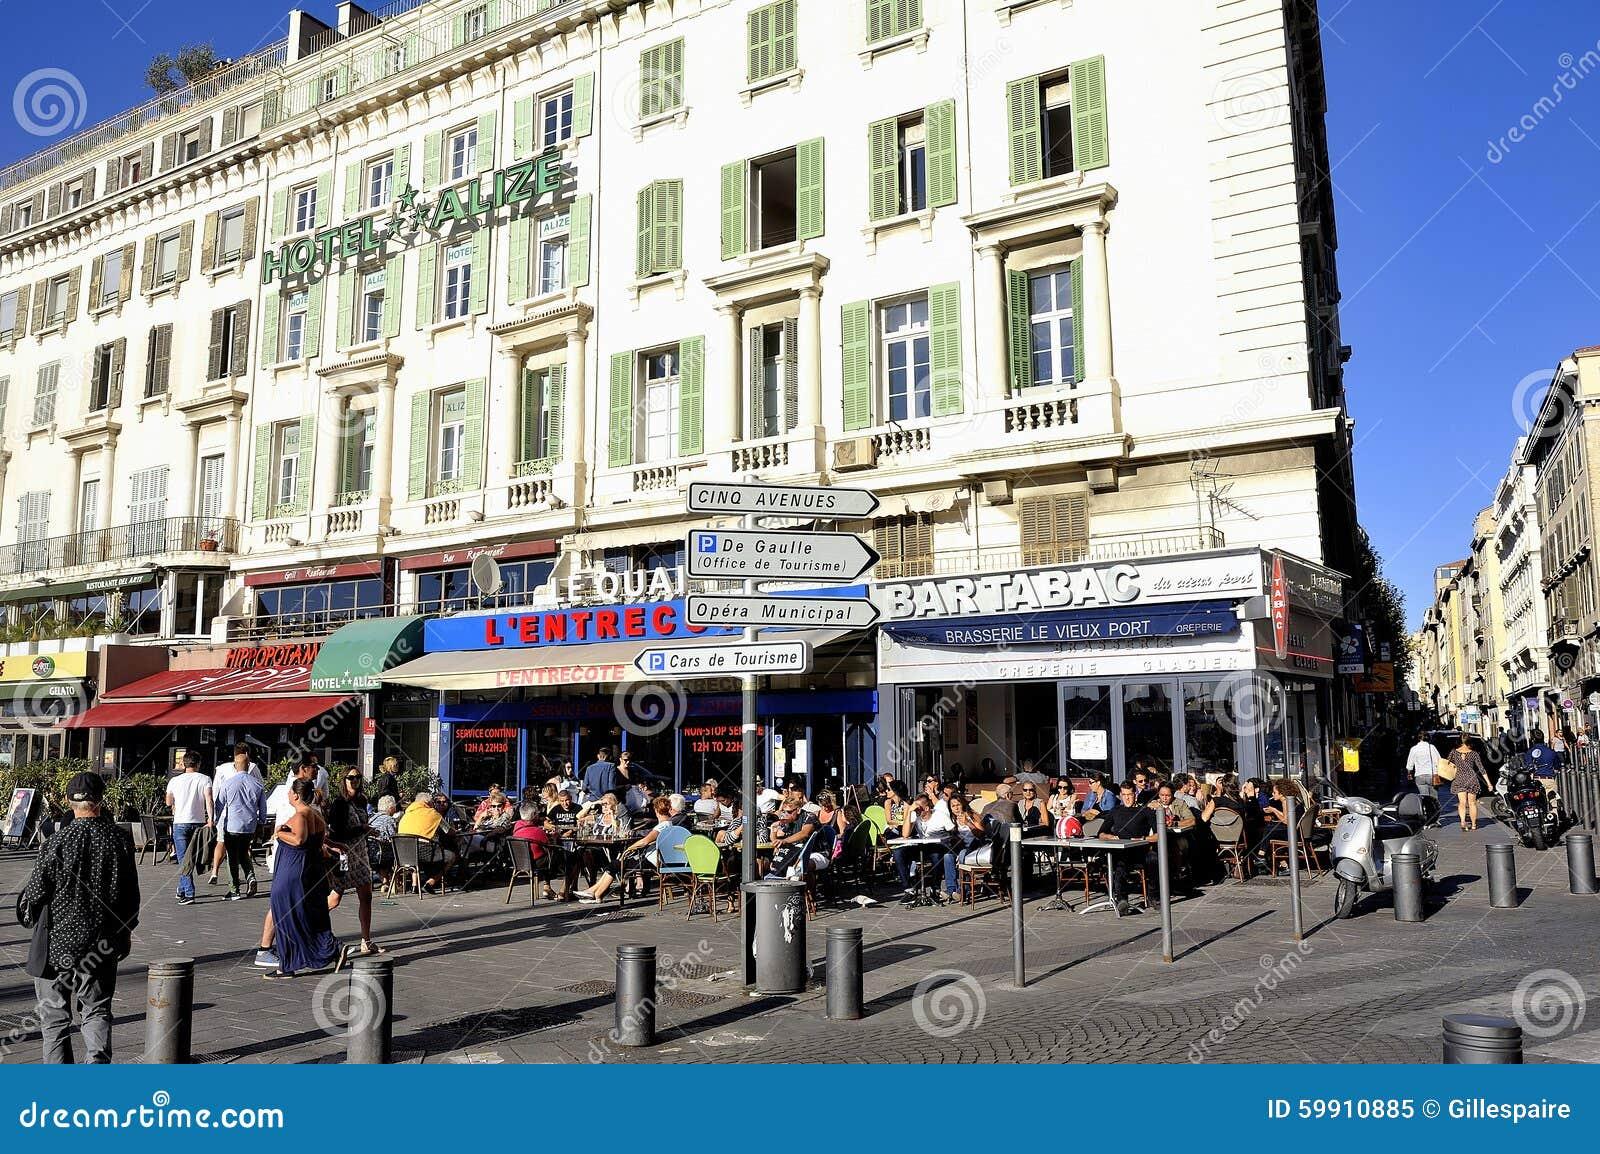 Marchent sur le vieux port de marseille aux nombreux la terrasse de restaurant image ditorial - Restaurant libanais marseille vieux port ...